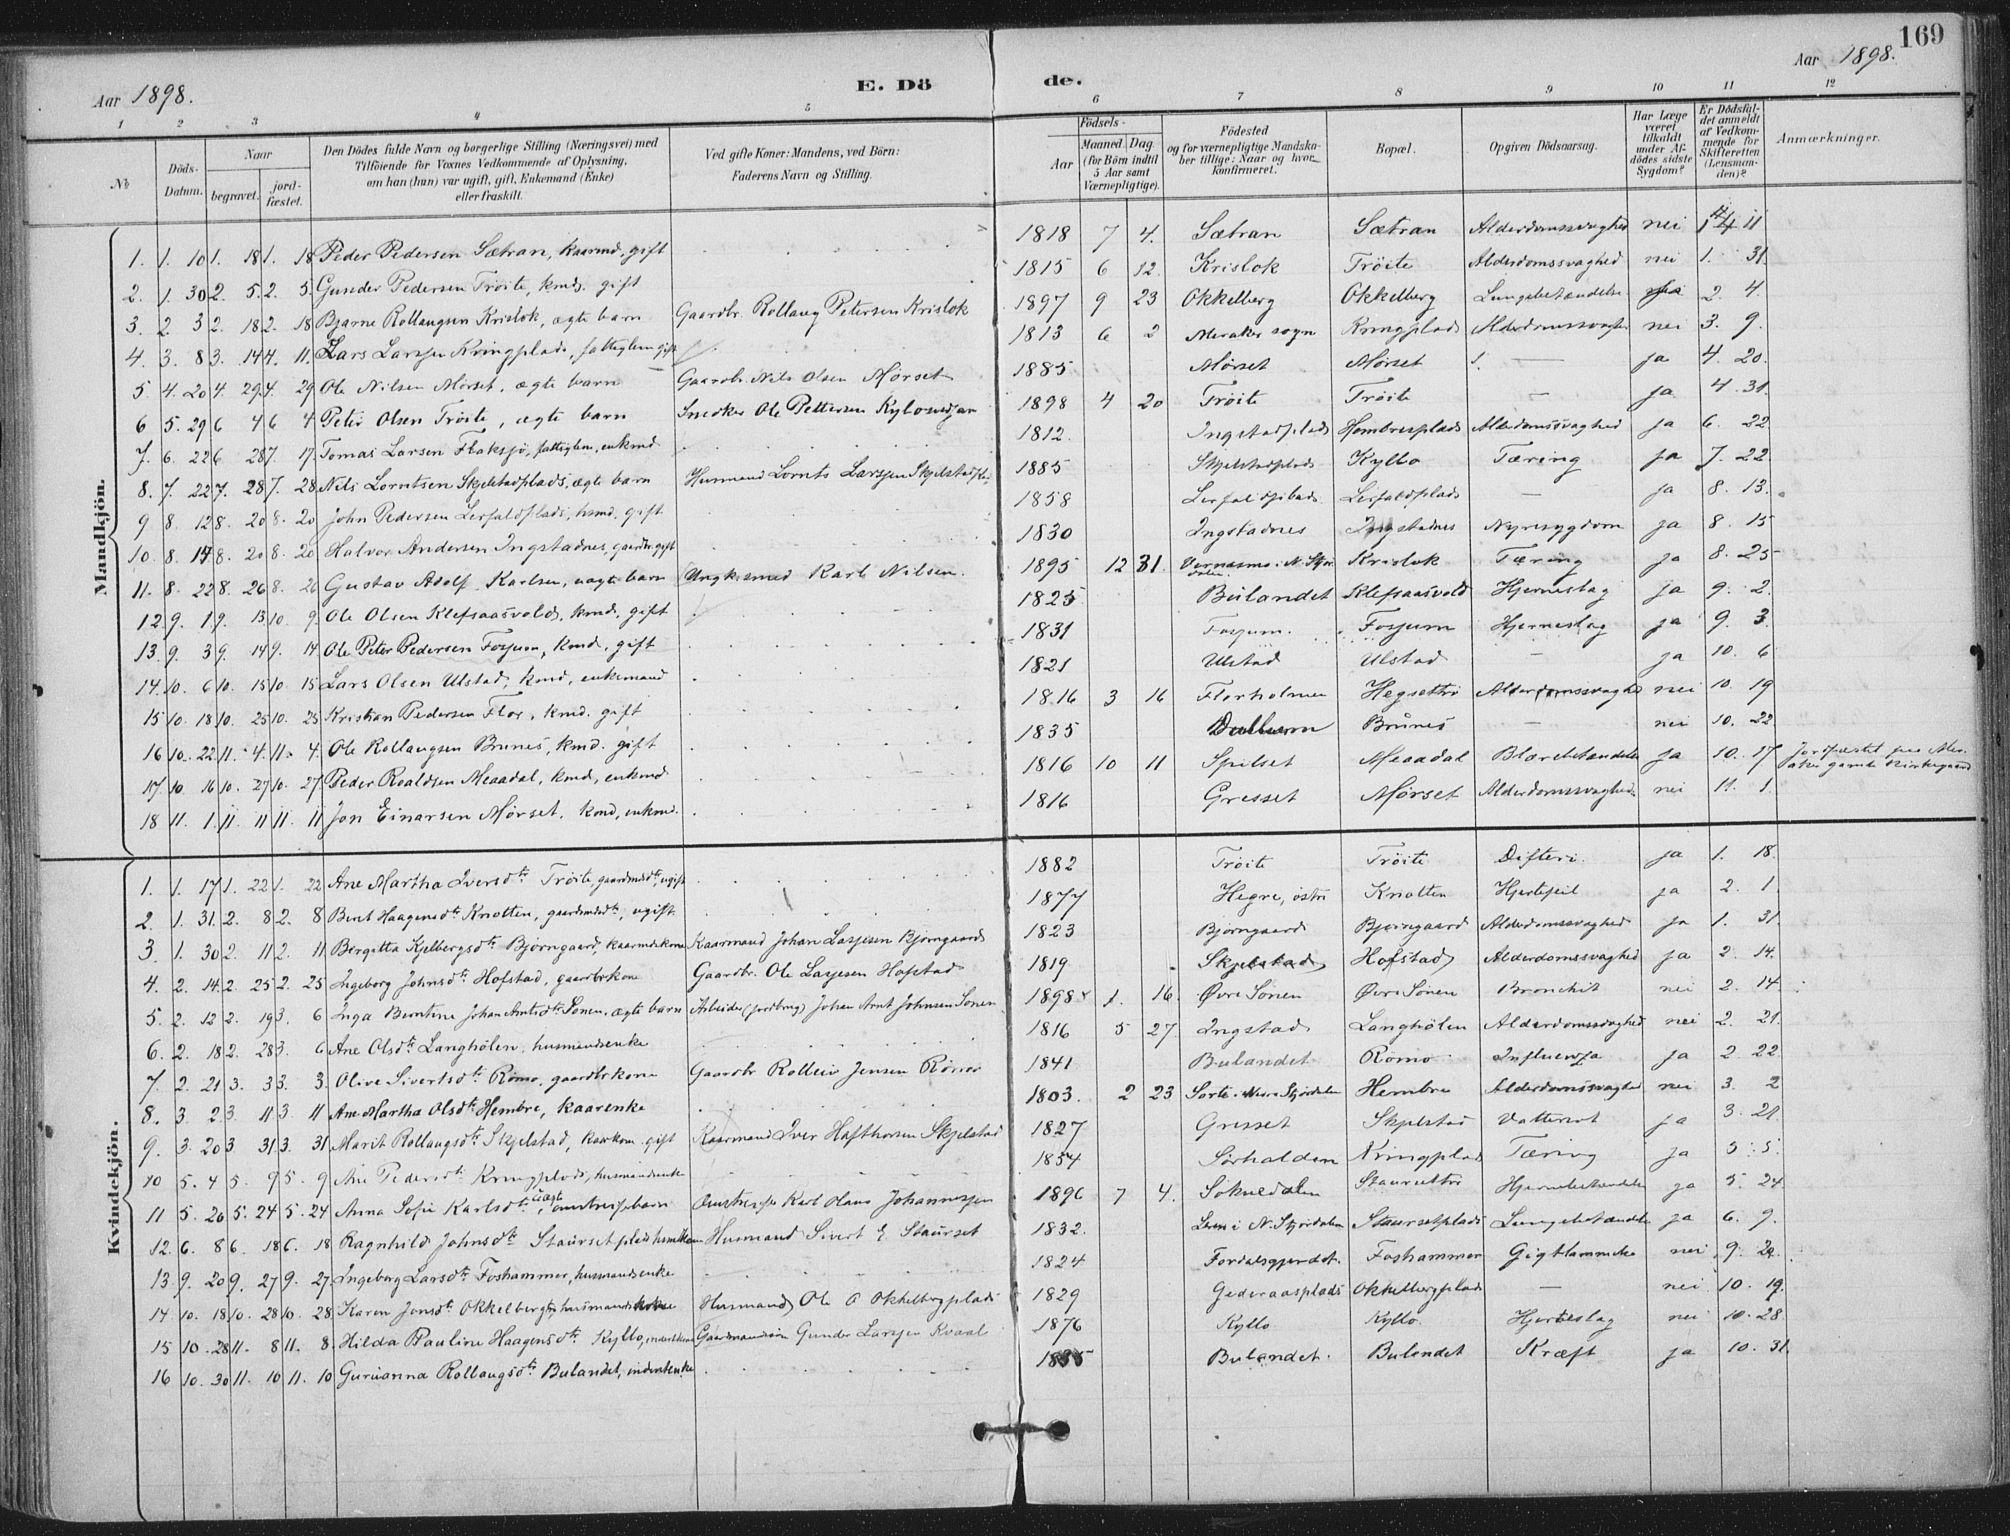 SAT, Ministerialprotokoller, klokkerbøker og fødselsregistre - Nord-Trøndelag, 703/L0031: Ministerialbok nr. 703A04, 1893-1914, s. 169